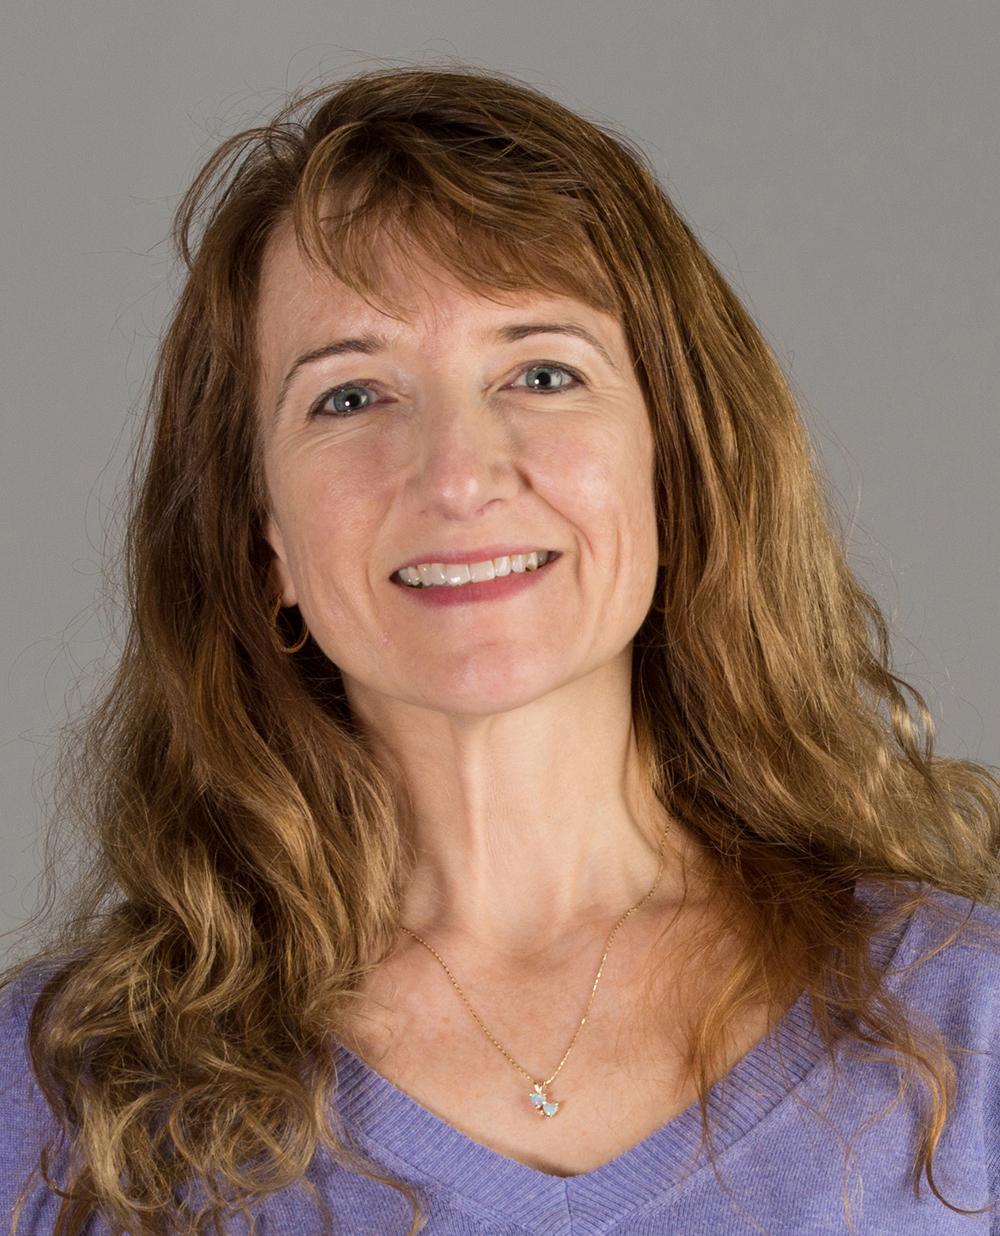 Laura Bohn, Scripps Research Institute